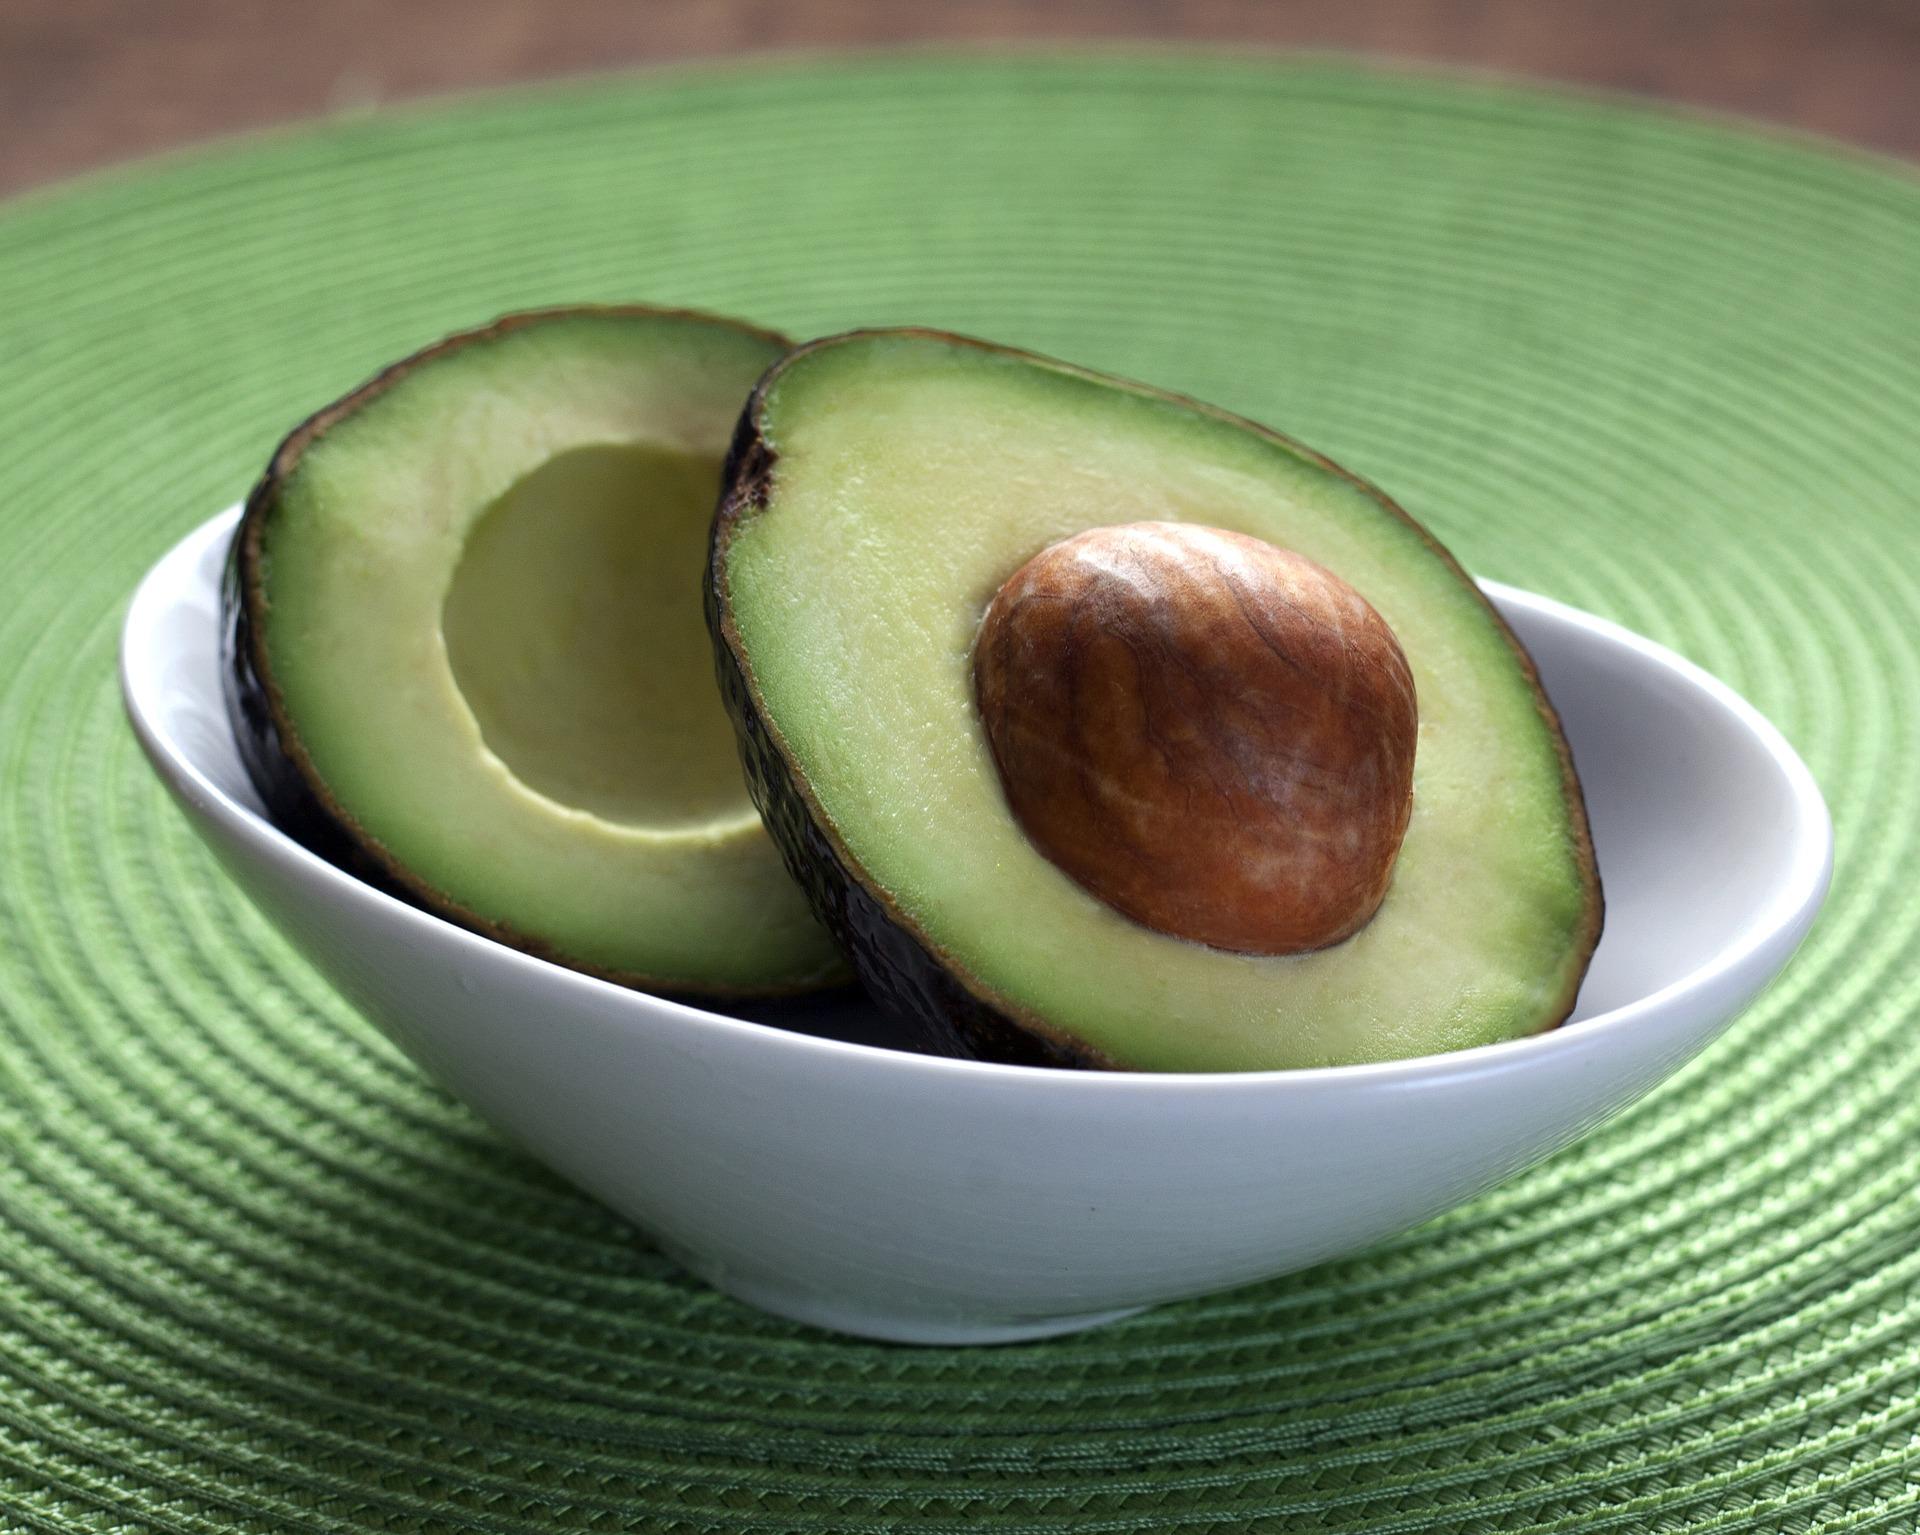 Avokadon terveyshyödyt, käyttö ja reseptivinkit